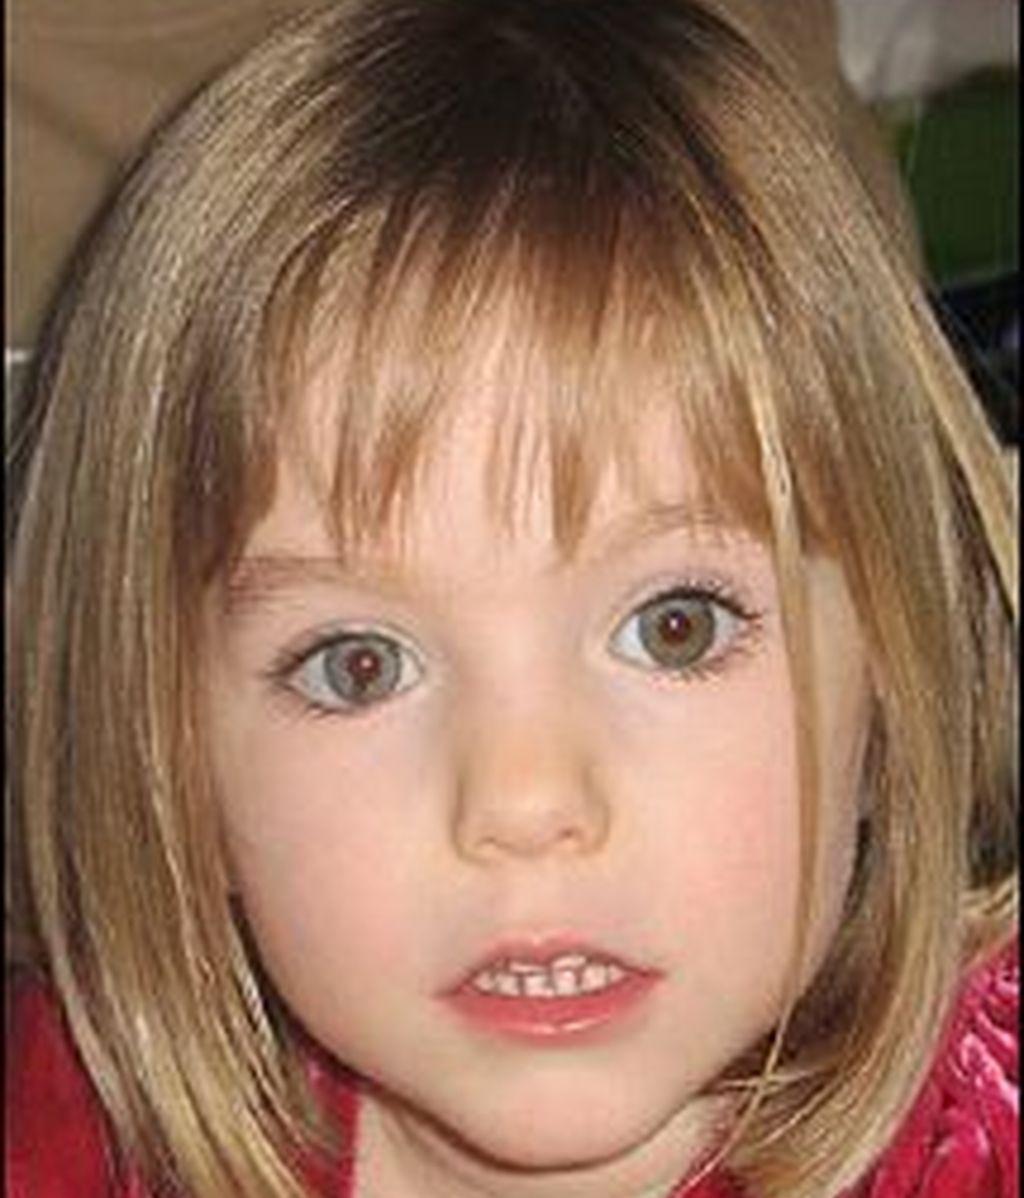 La pequeña Maddie desapareció el 7 de mayo de 2007. Foto The Sun